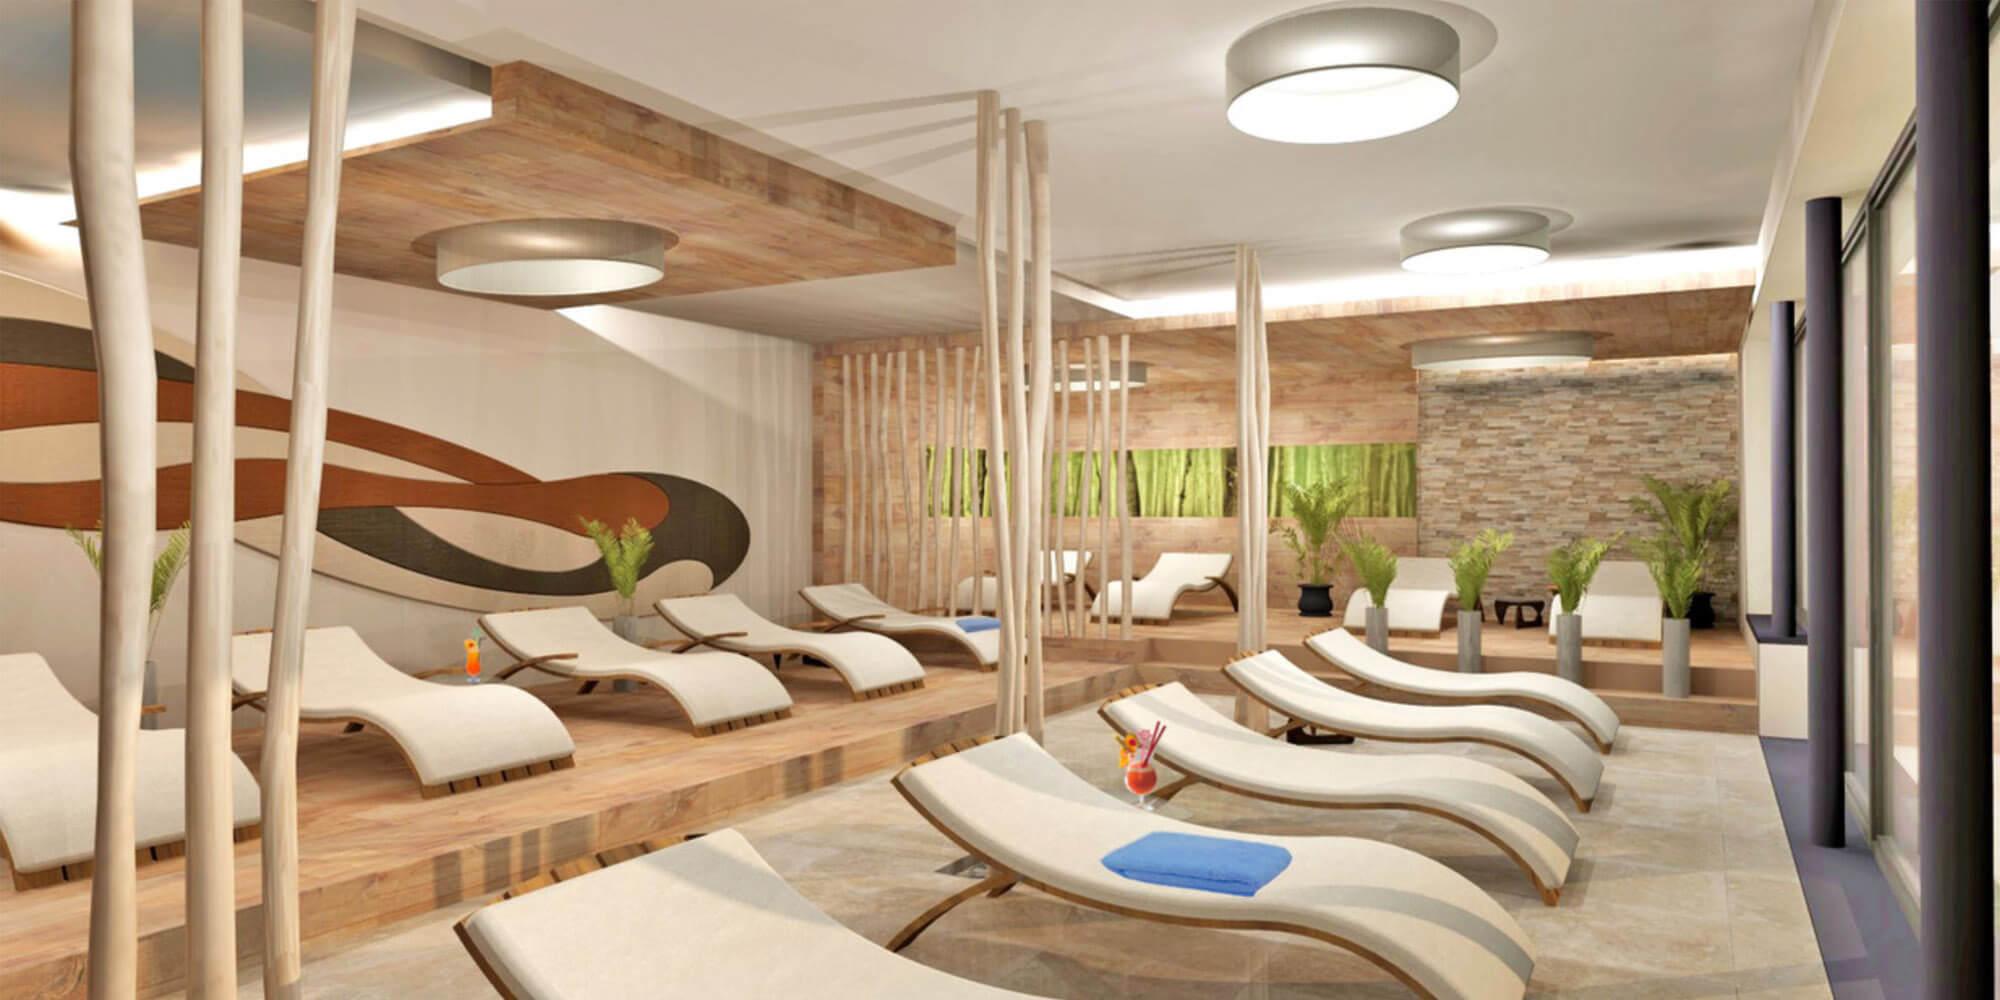 Crea-Plan-Design-Rauch-Frühmann-Architektur-Innenarchitektur-Design-Projekt-Referenz-Hotelerie-Gastronomie-Hotel-Sporthotel-Zaton-Ruheraum-2